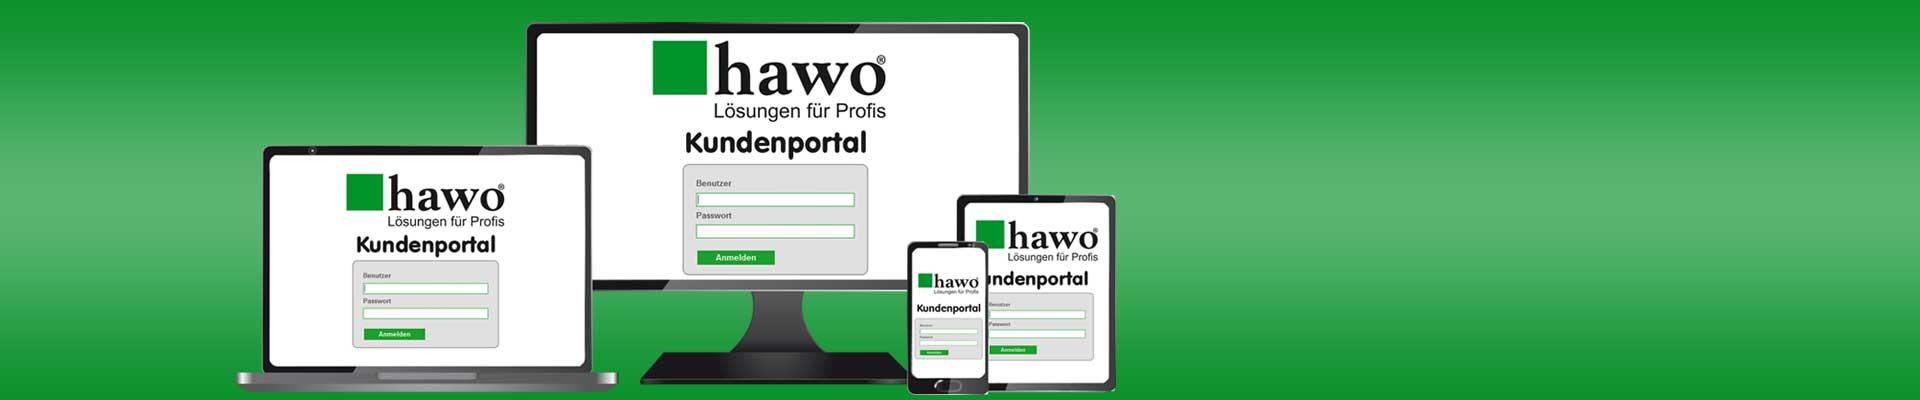 hawo Kundenportal